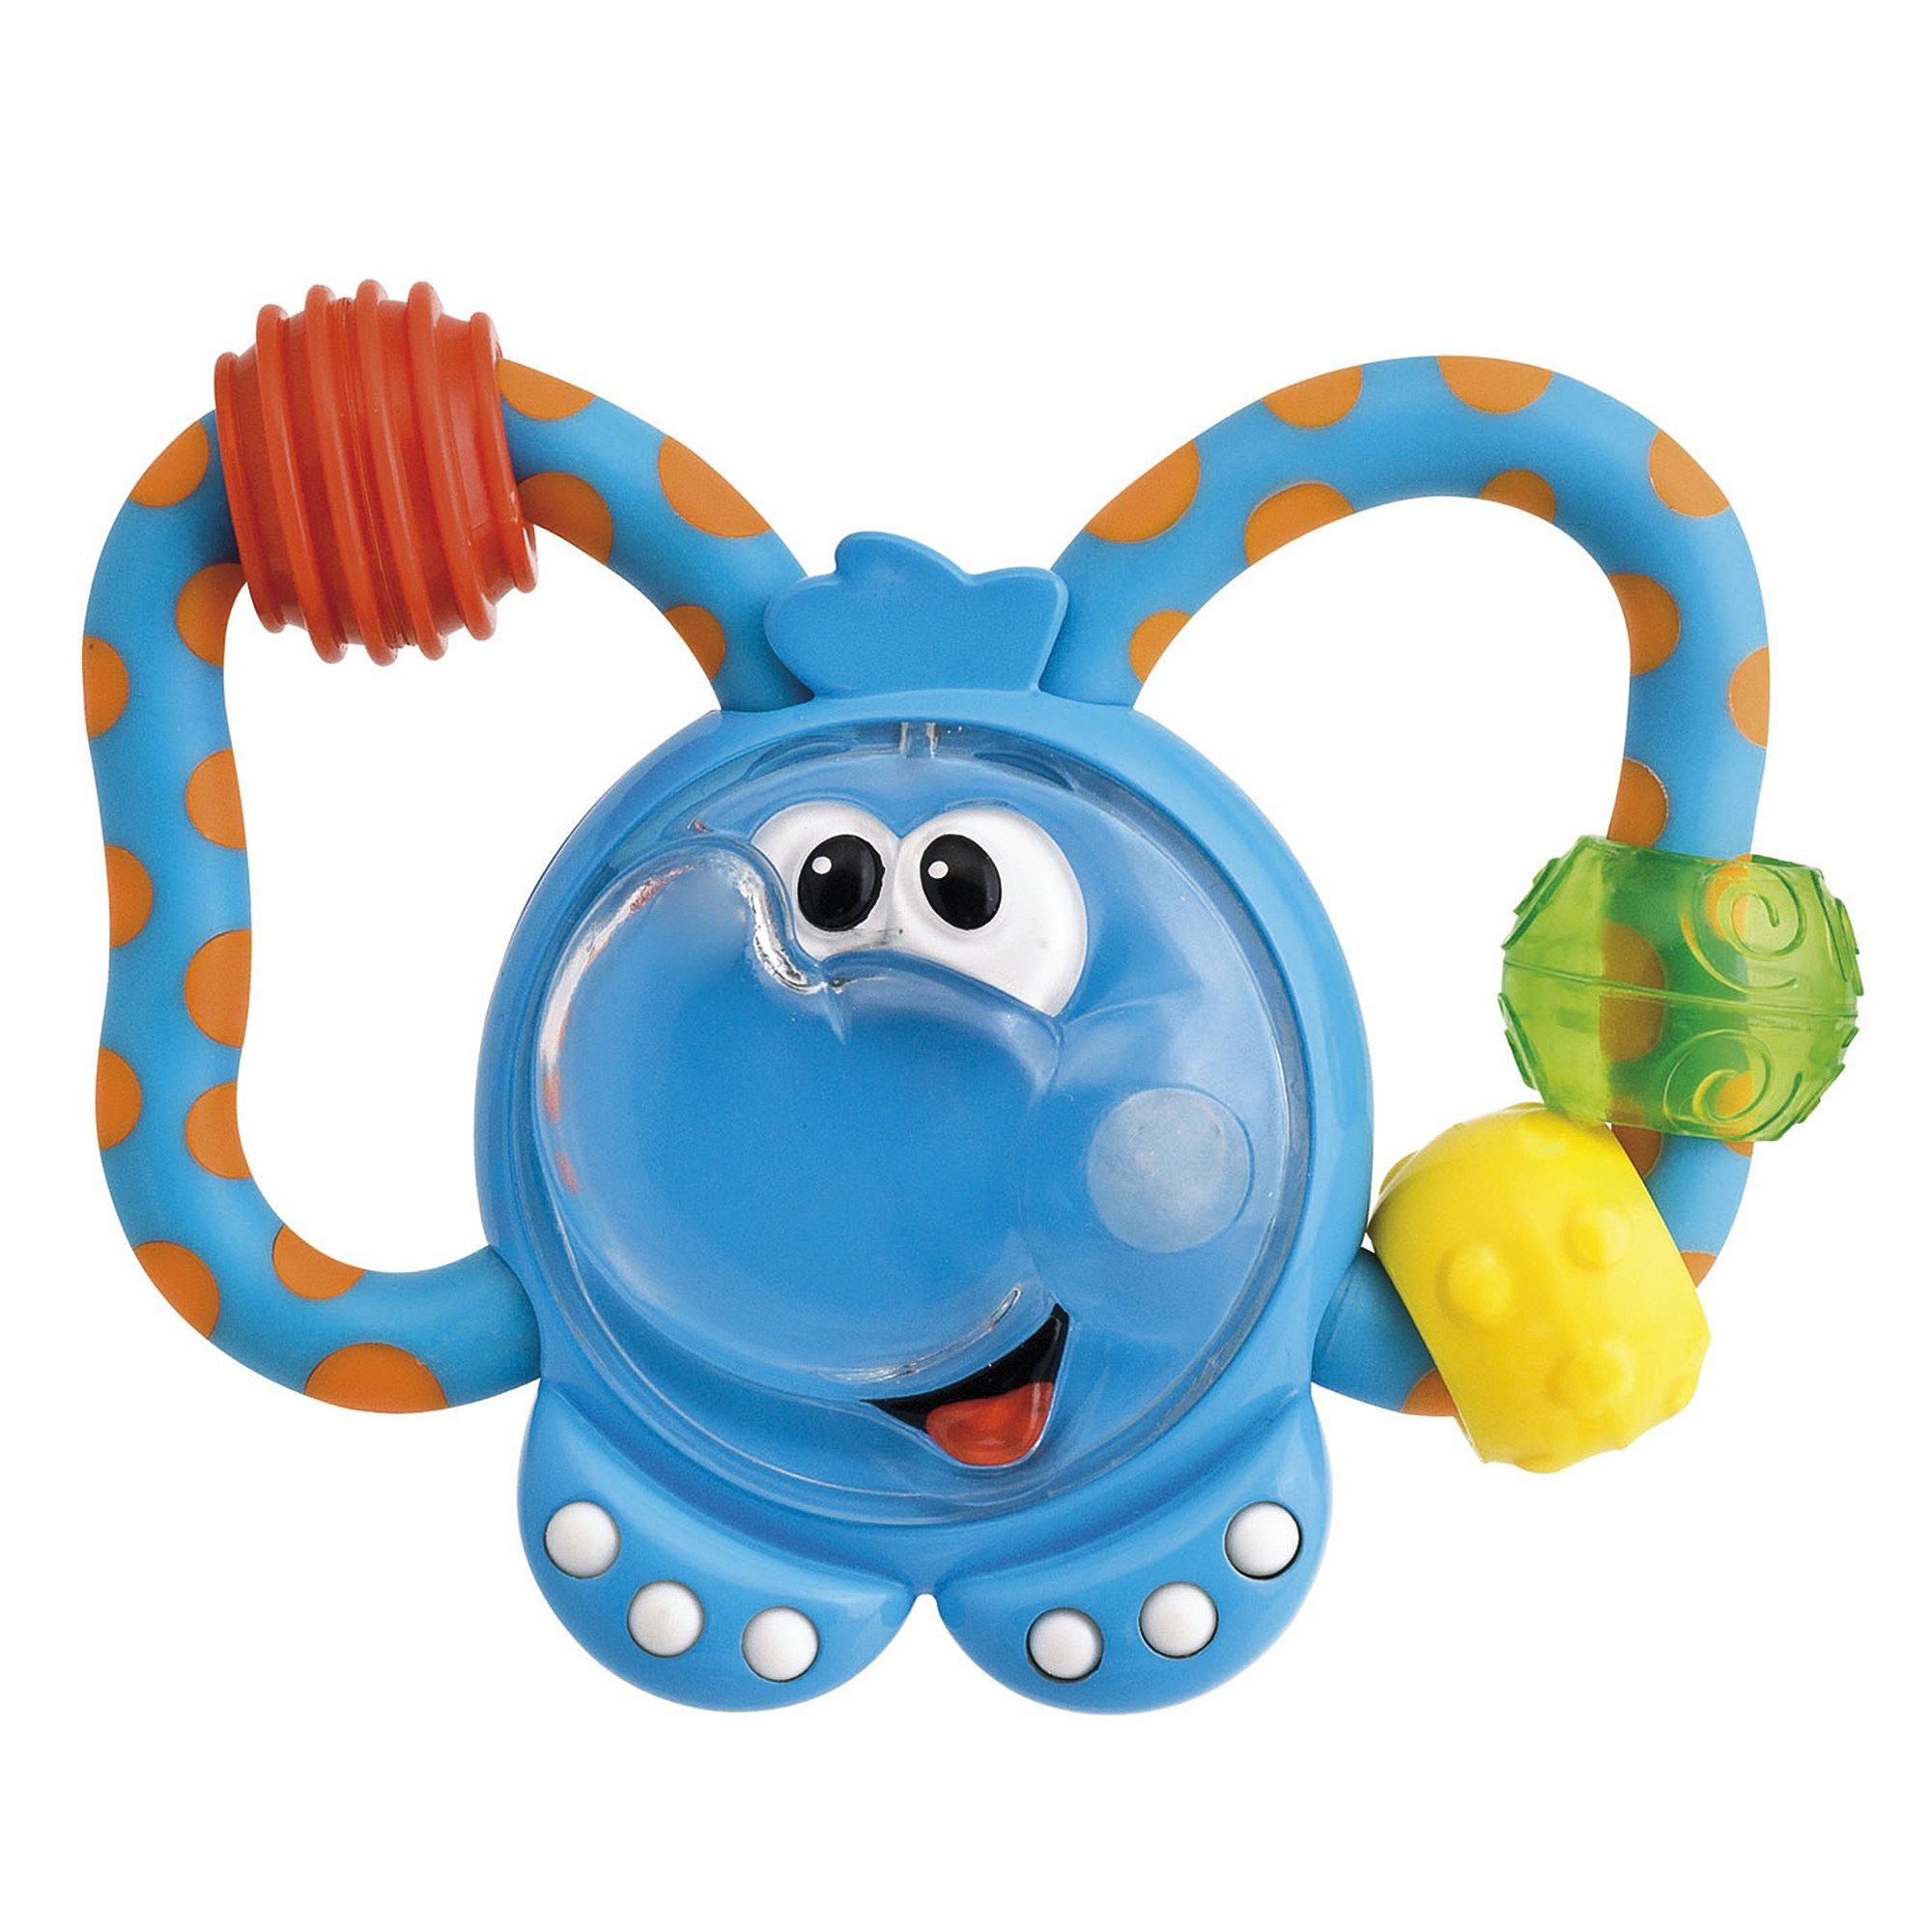 Погремушка с прорезывателем «Слоненок»Детские погремушки и подвесные игрушки на кроватку<br>Погремушка с прорезывателем «Слоненок»<br>